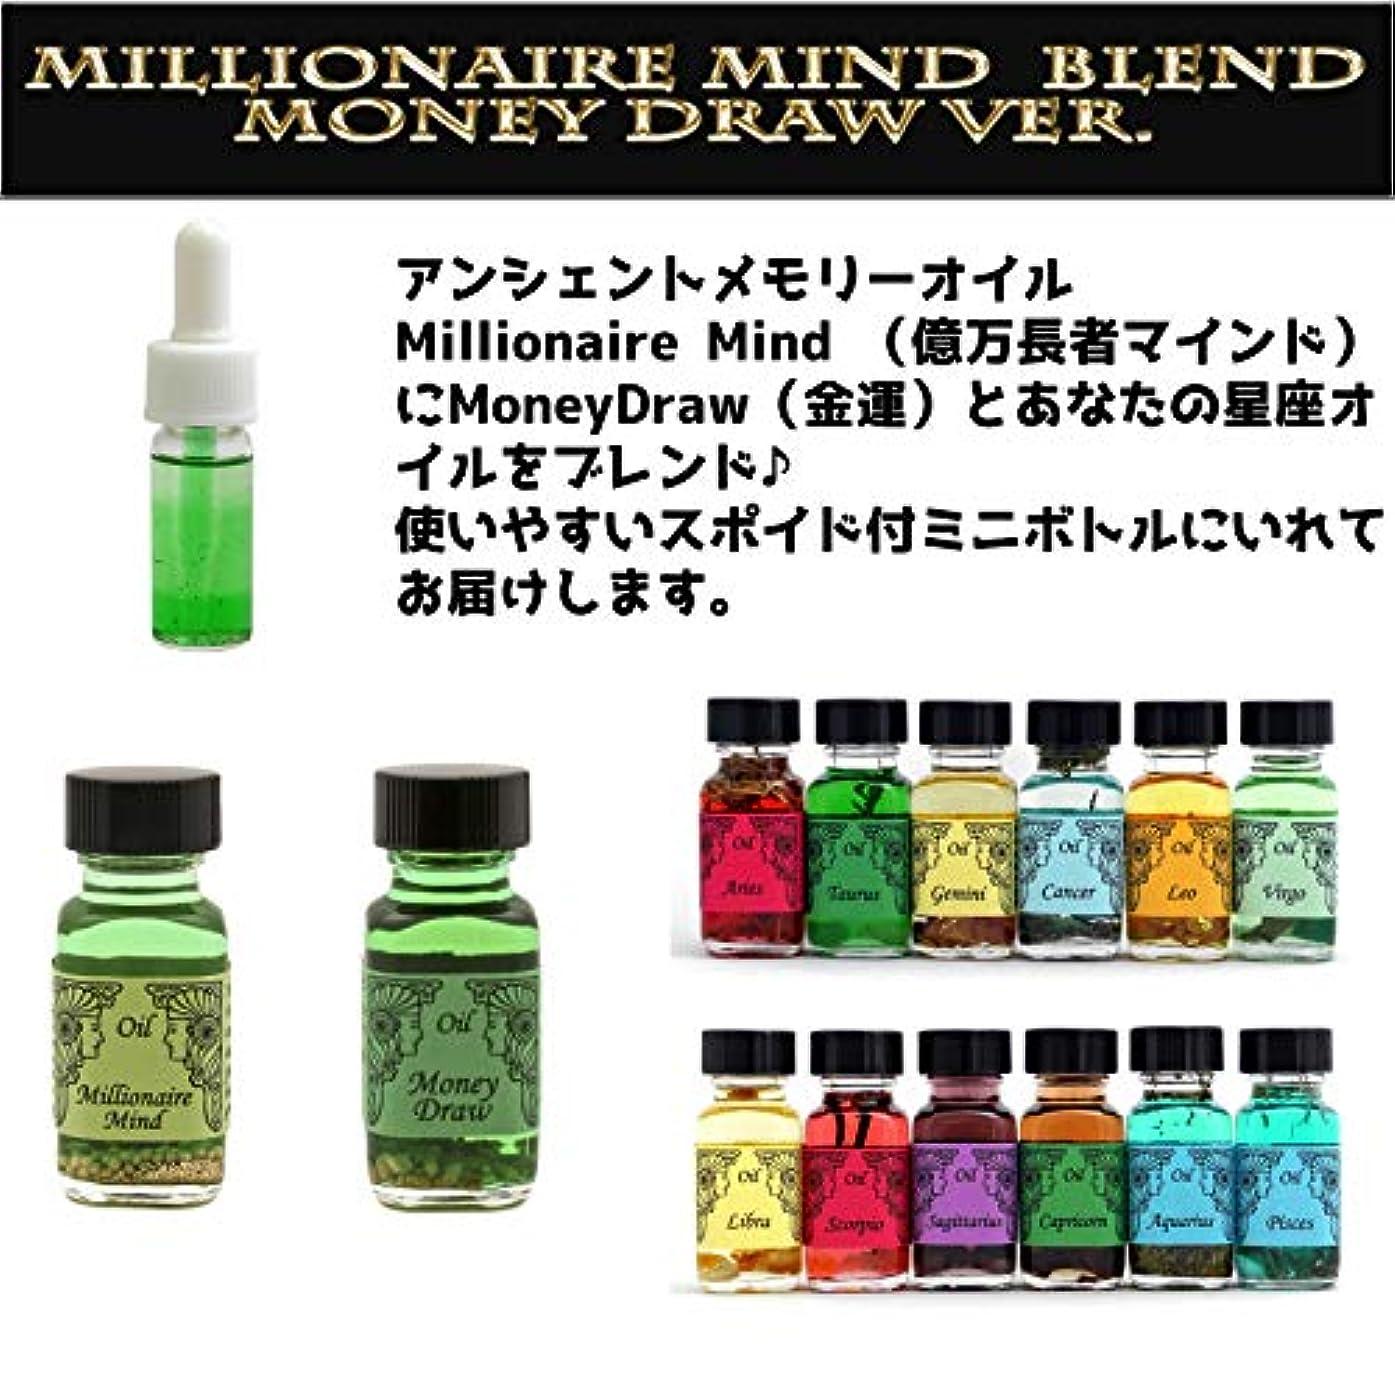 コロニー完璧なチューブアンシェントメモリーオイル Millionaire Mind 億万長者マインド ブレンド(Money Drawマネードロー(金運)&うお座